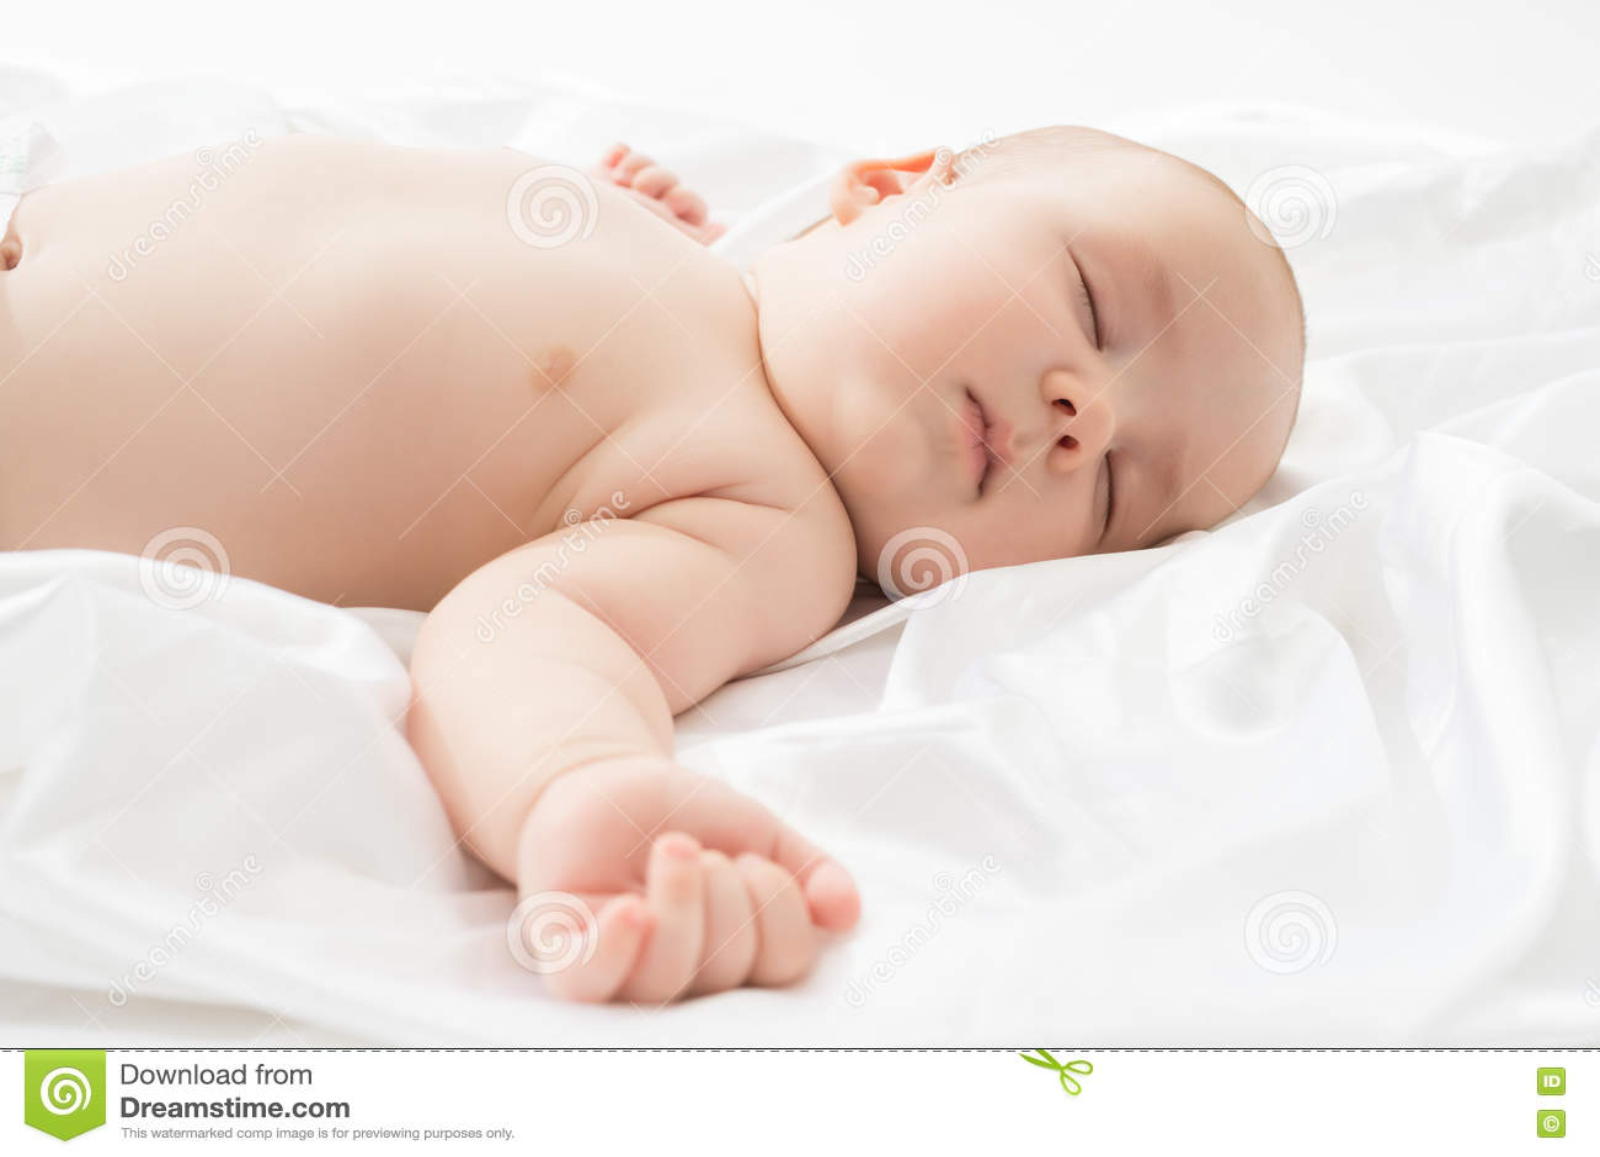 Kinderverzorging Studiofoto van aanbiddelijke babyslaap